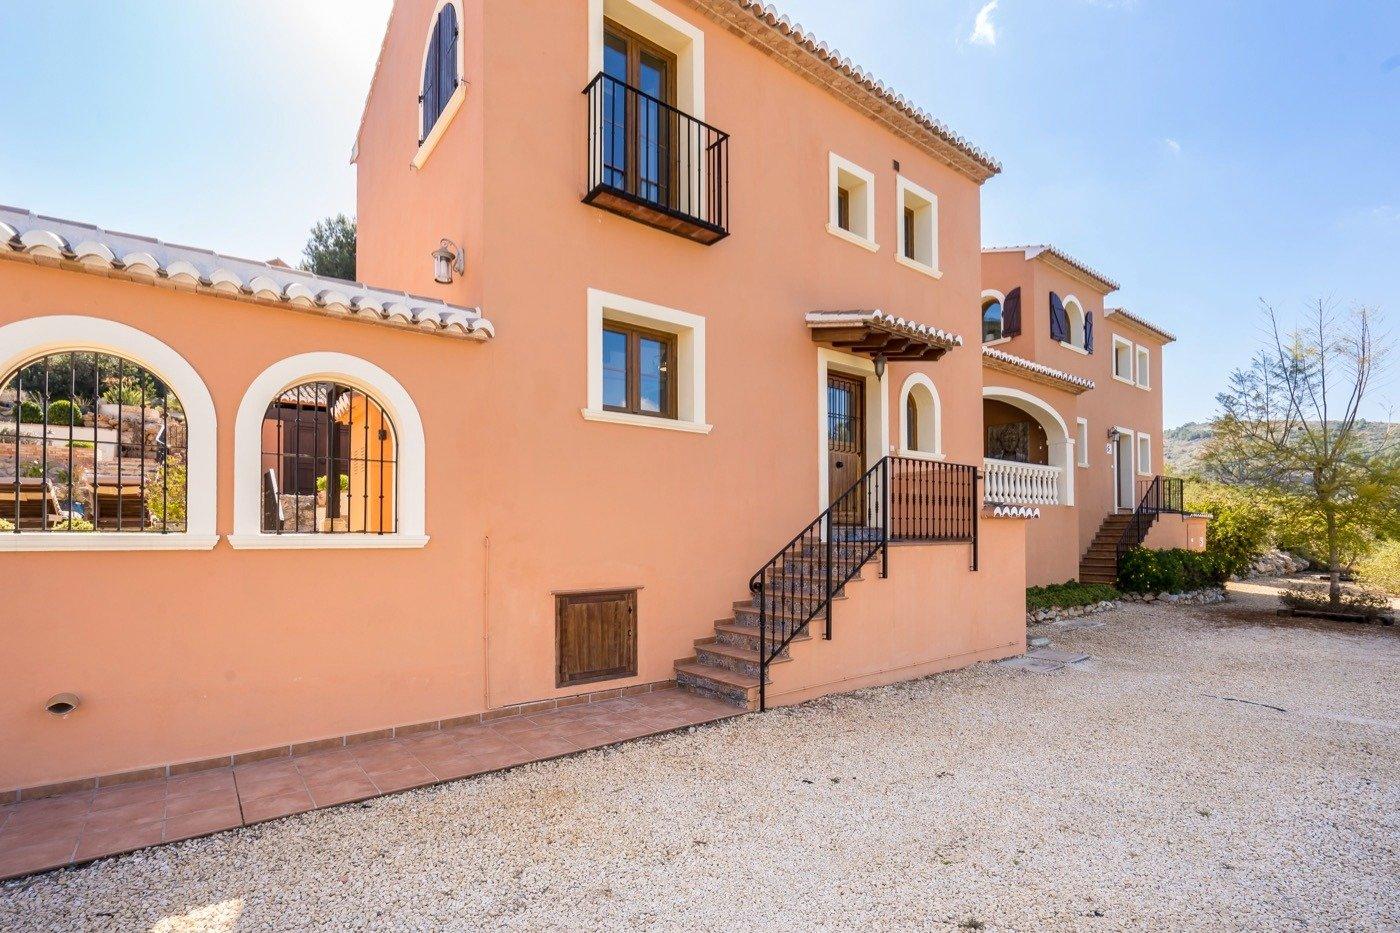 Villa in Lliber Camino xequera